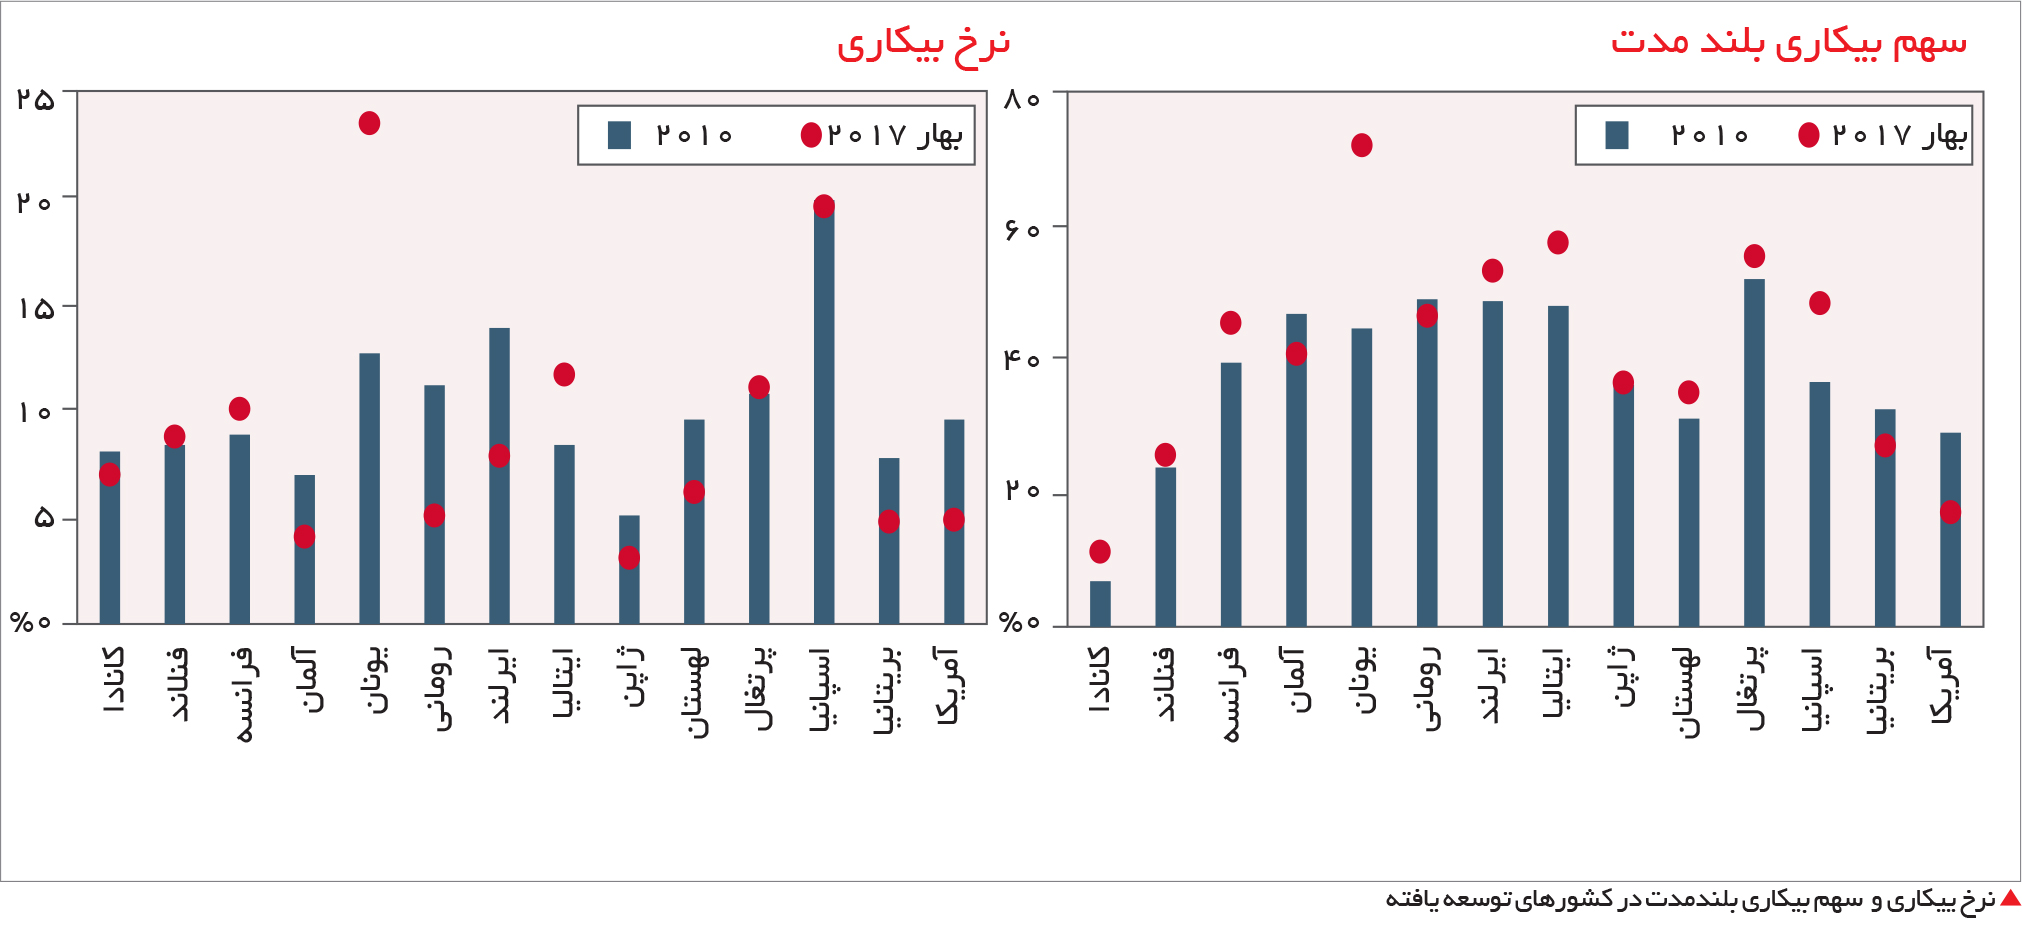 تجارت- فردا- نرخ ییکاری و سهم بیکاری بلندمدت در کشورهای توسعه یافته